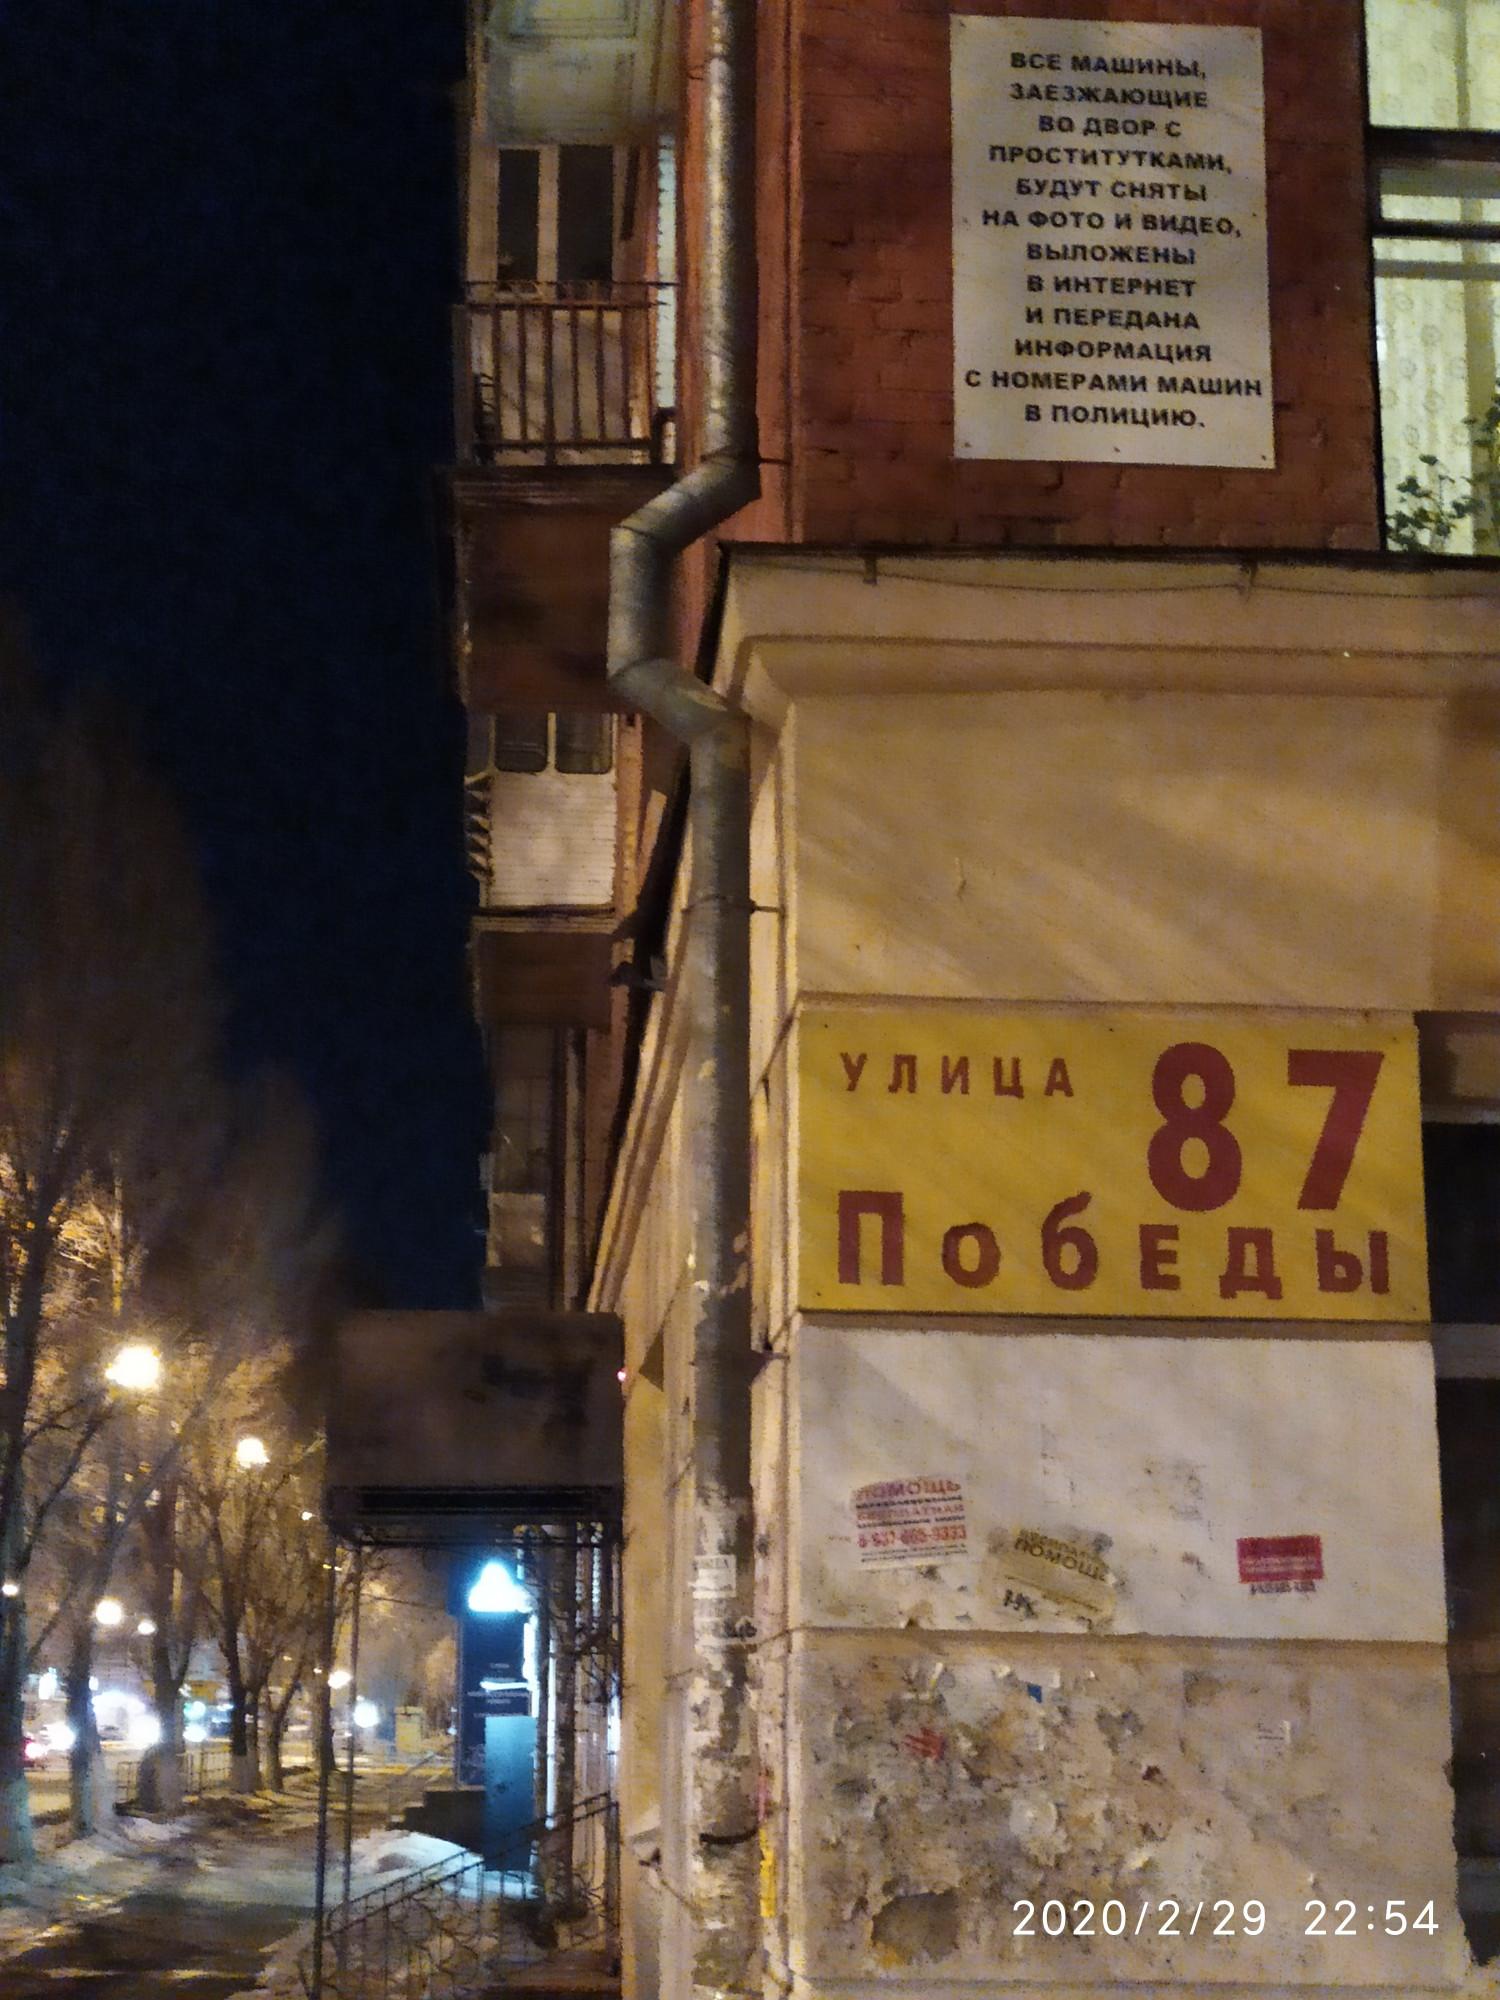 Жители улицы Победы предостерегают прелюбодеев от окончательной капитуляции человеческого достоинства.